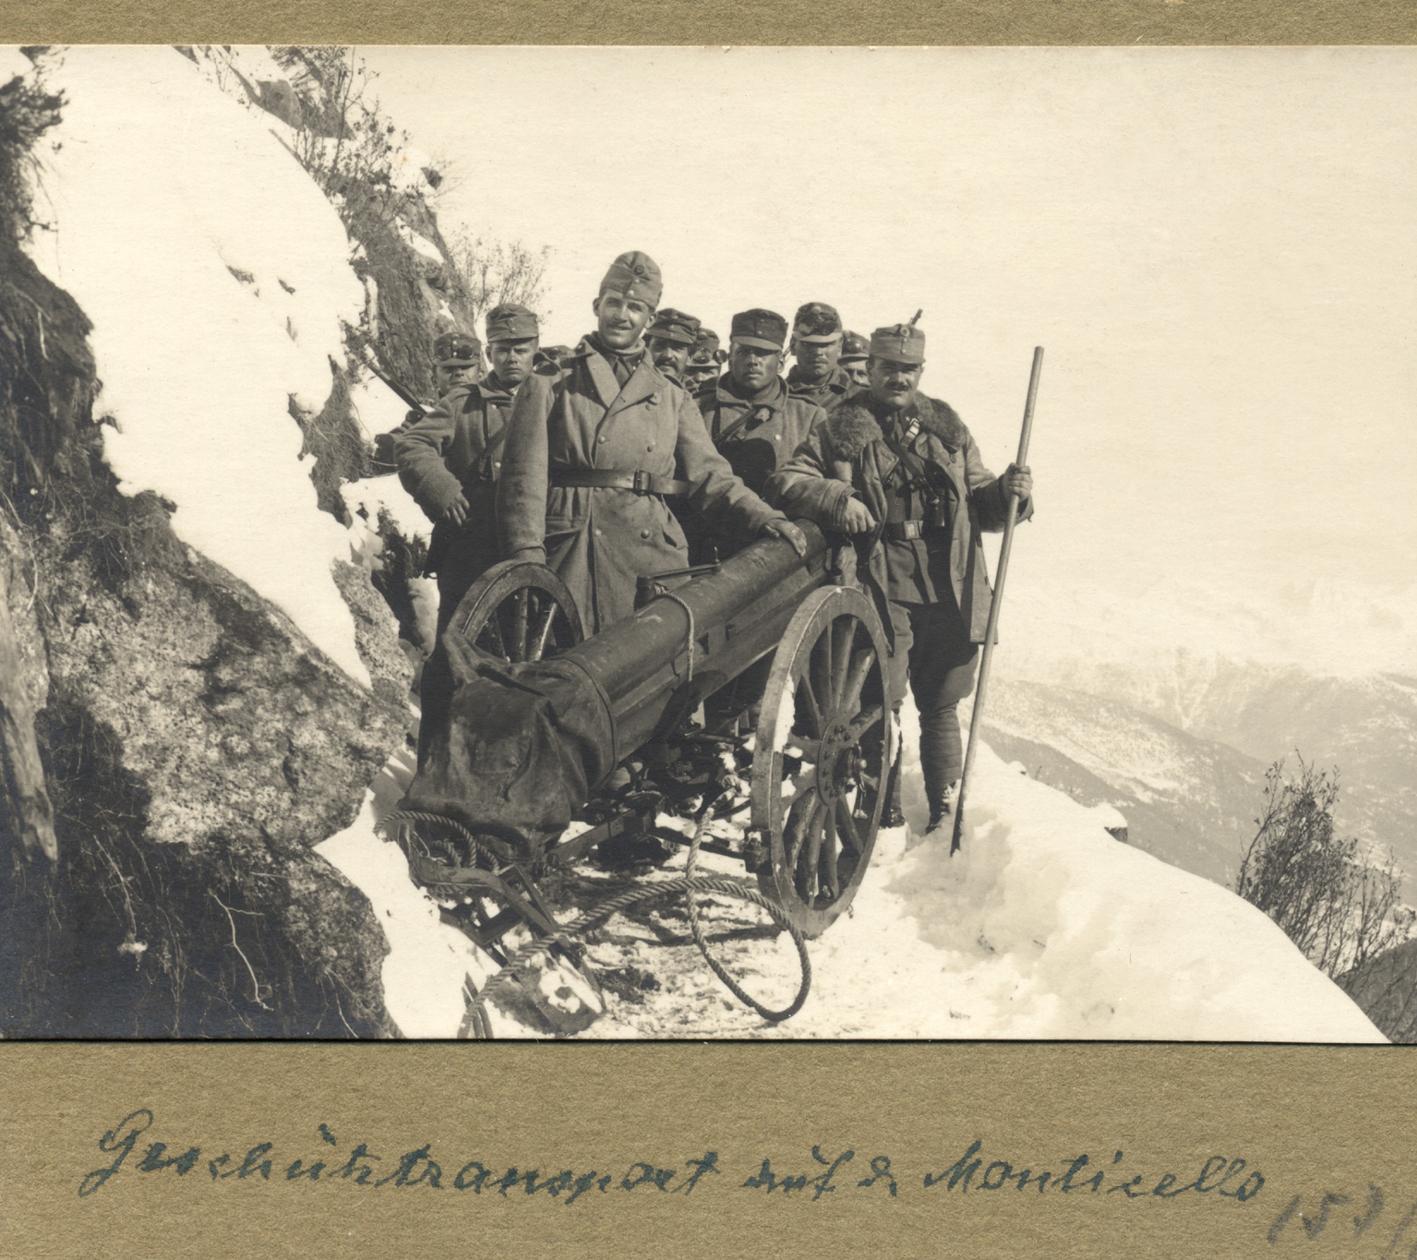 05 - Kaiserschützen in montagna con pezzo di piccolo calibro.jpg